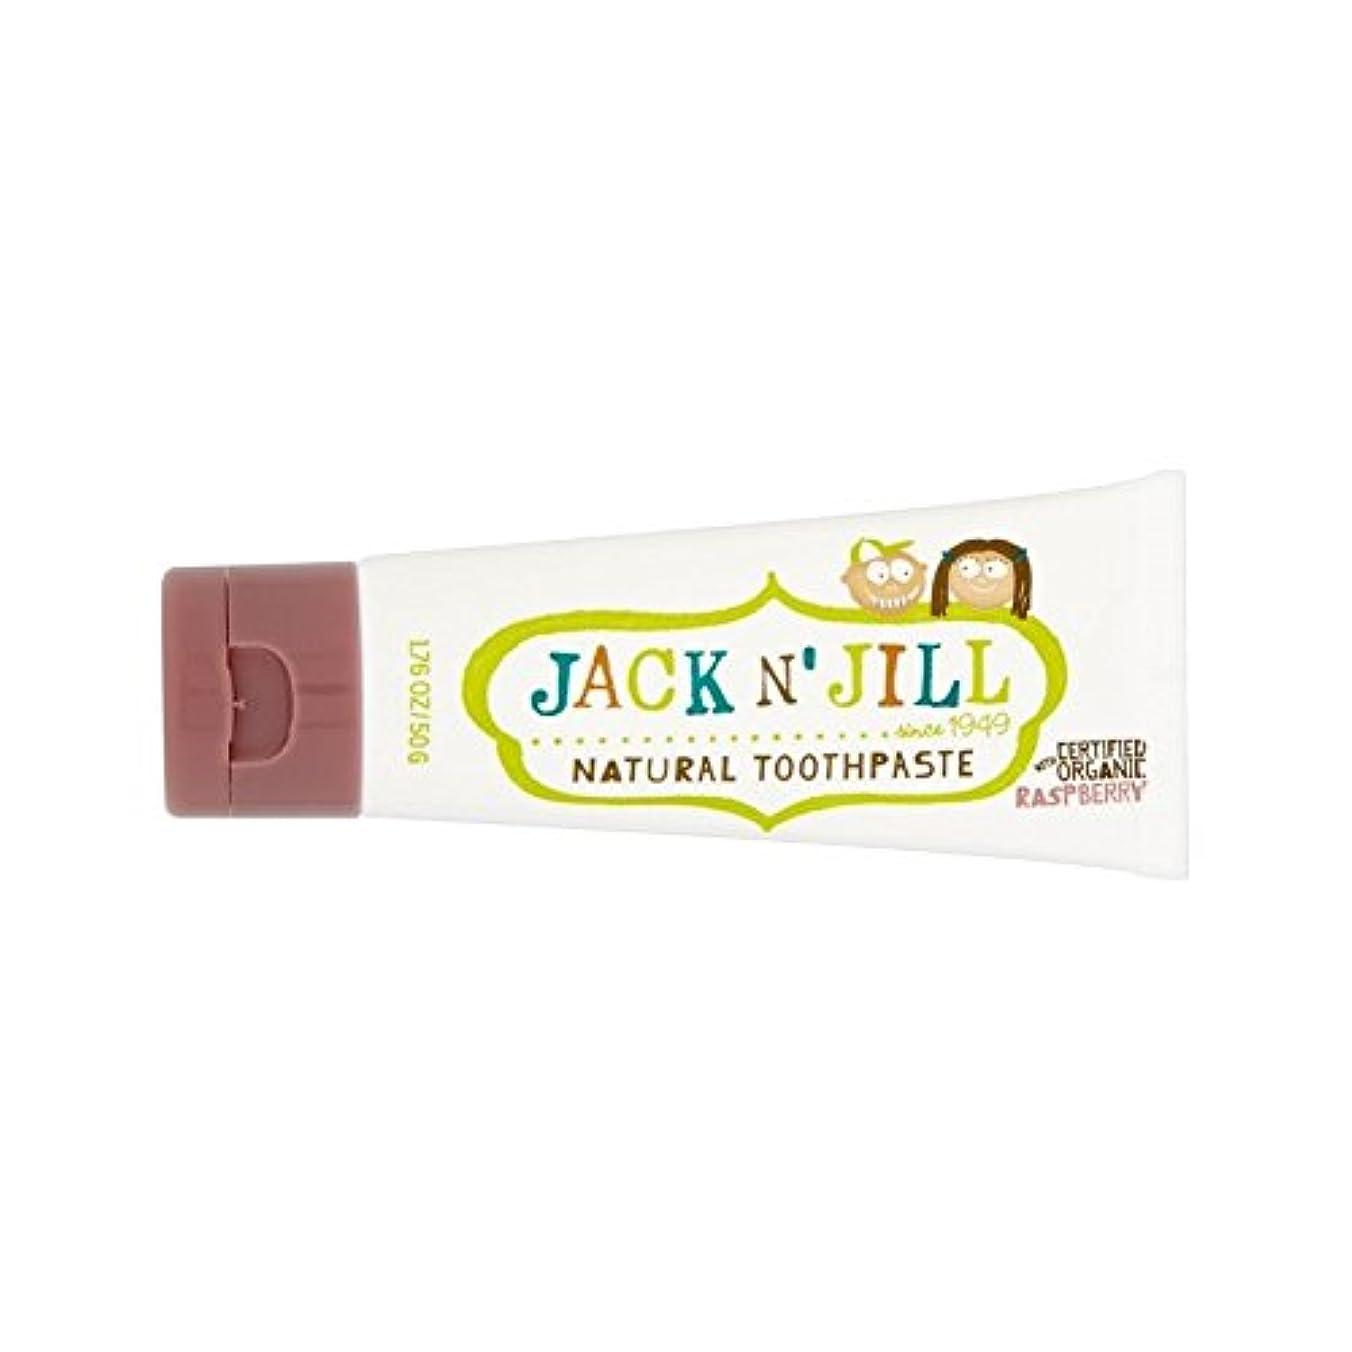 レキシコン仲介者荒廃する有機香味50グラム天然ラズベリー歯磨き粉 (Jack N Jill) (x 4) - Jack N' Jill Raspberry Toothpaste Natural with Organic Flavouring 50g...